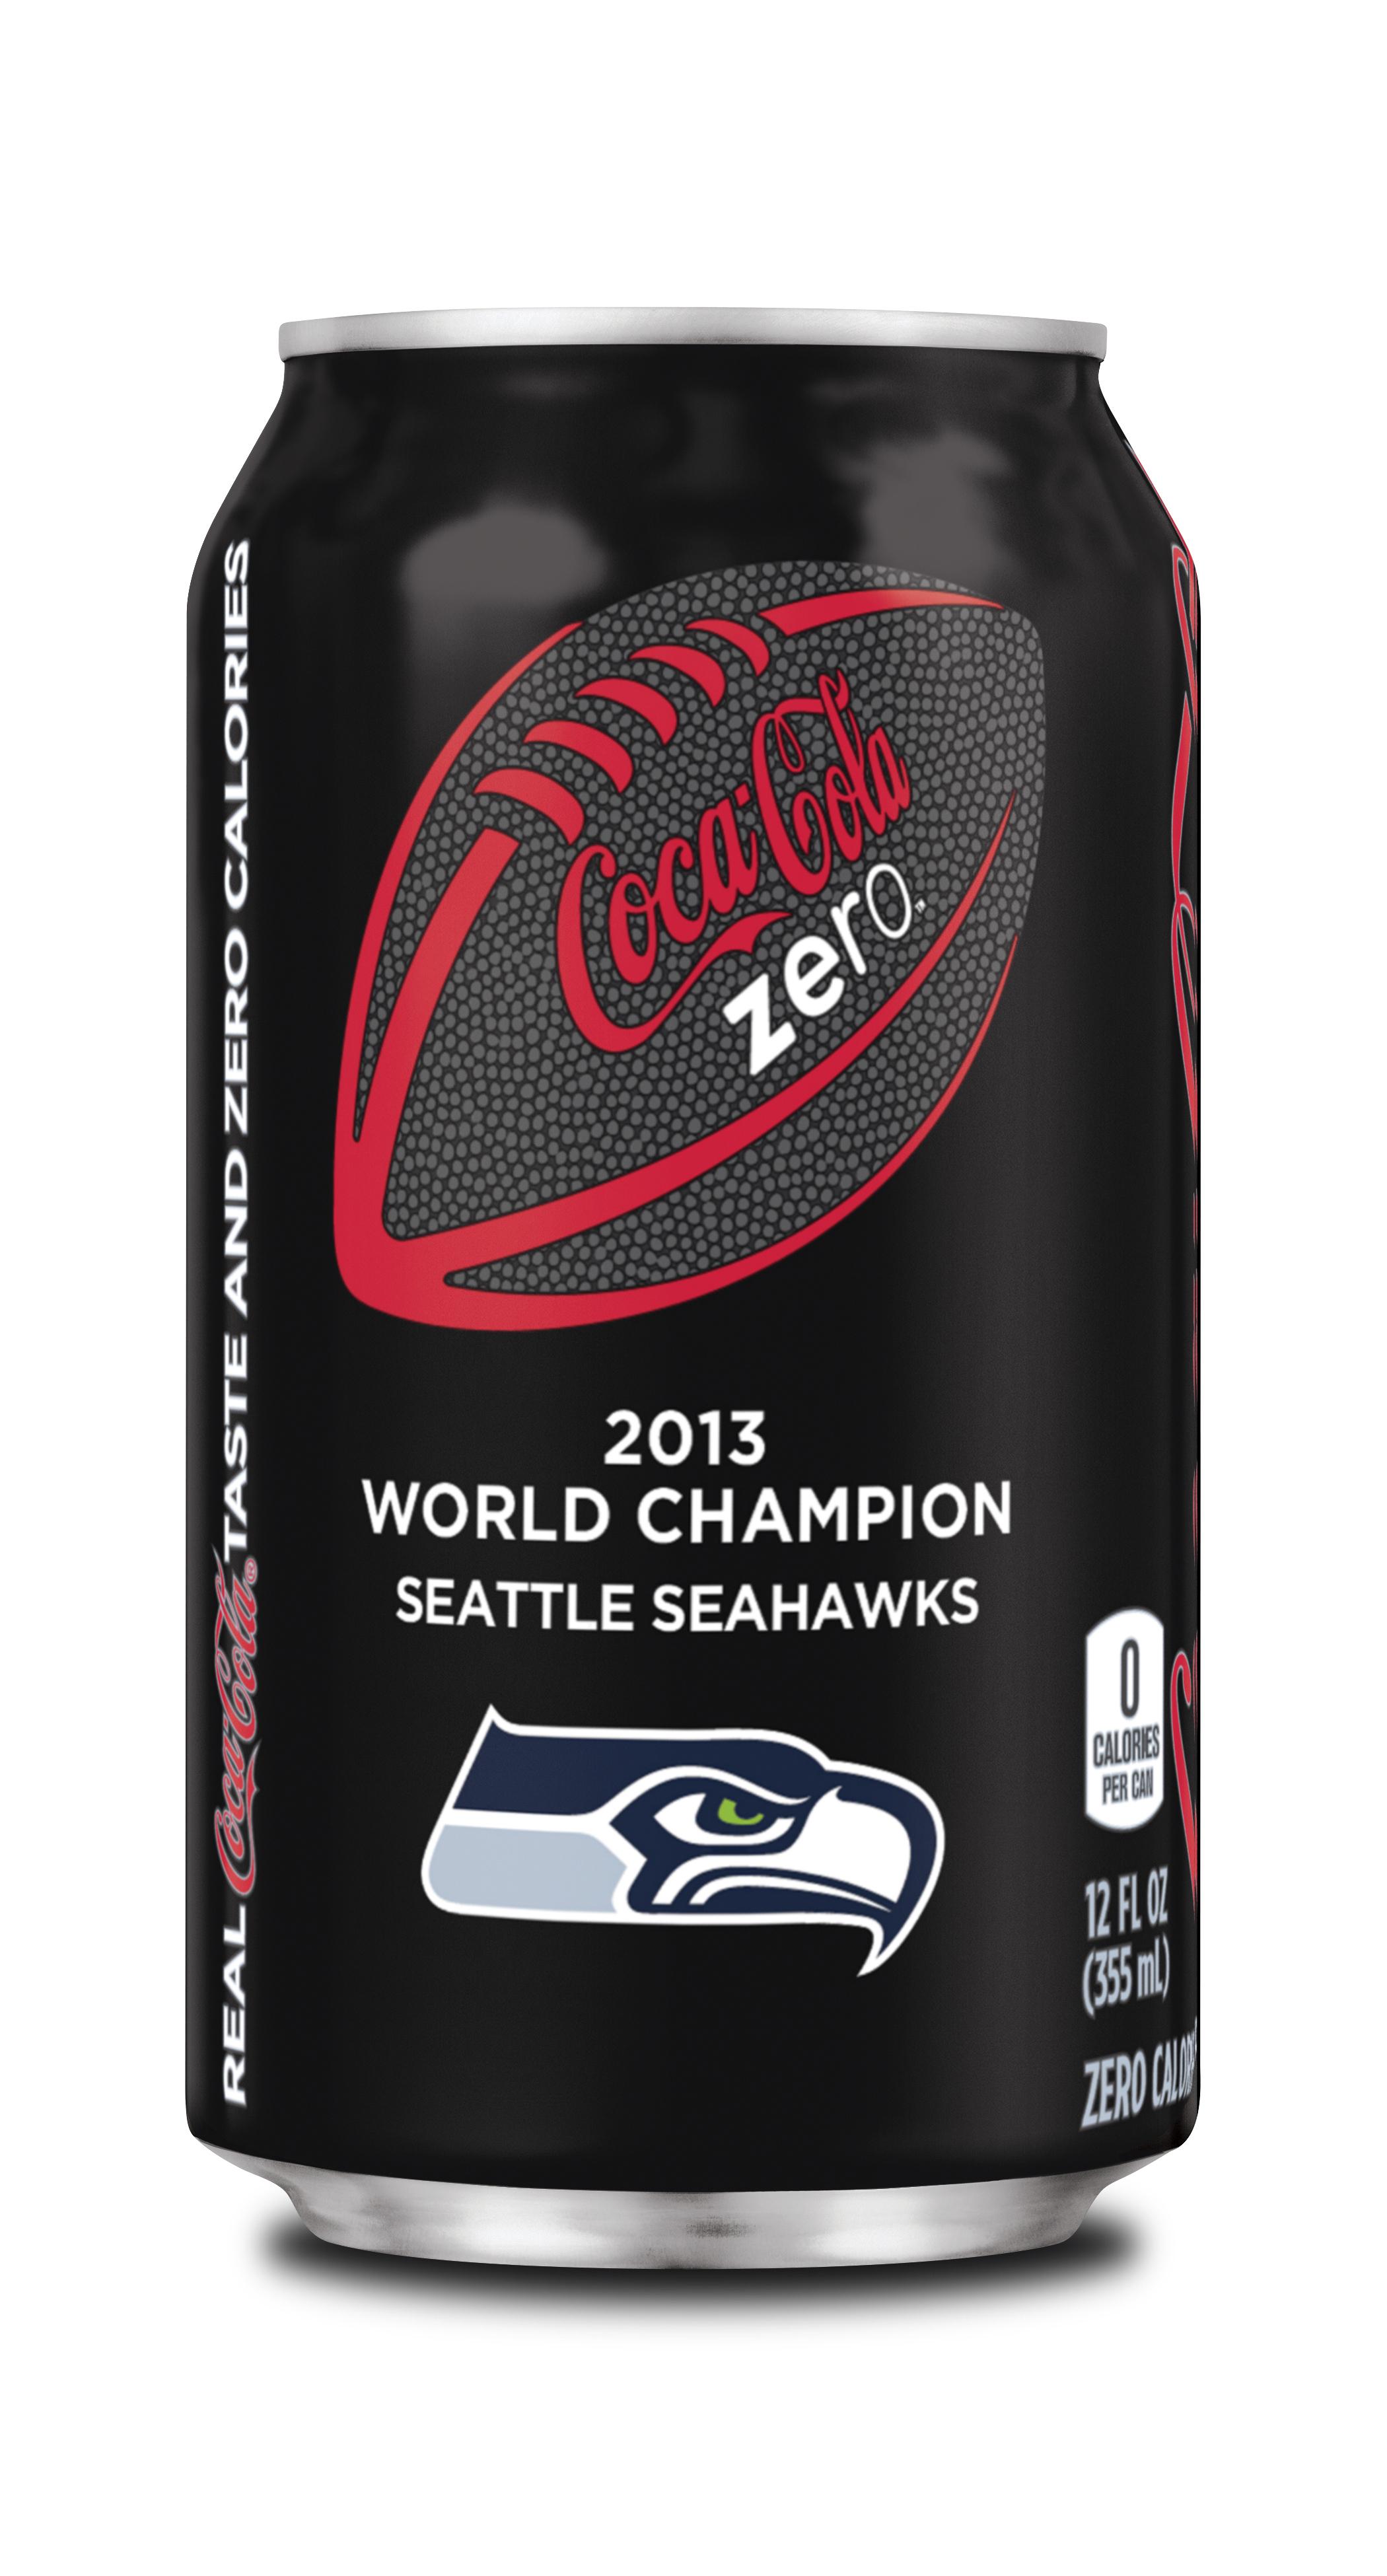 Coke Zero commemorative World Champion can. (Photo: Business Wire)